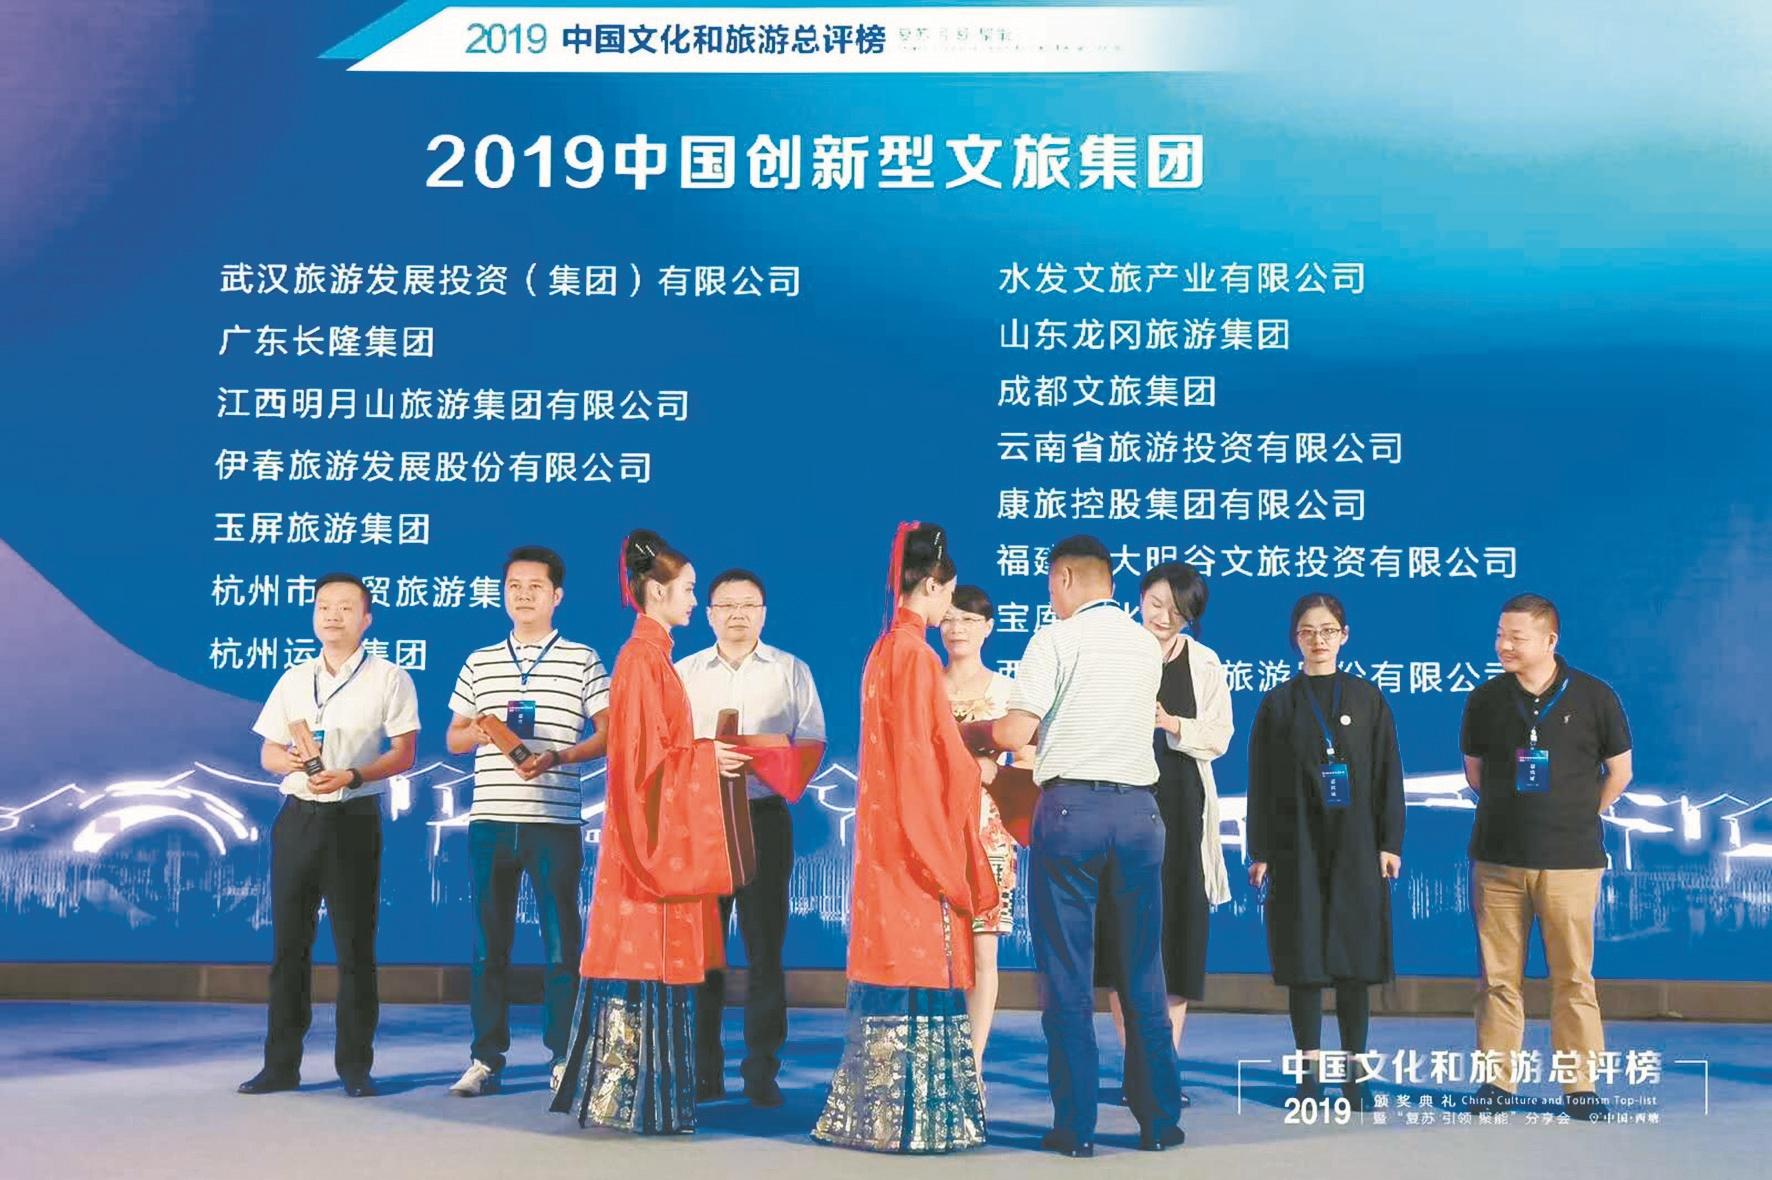 中国文旅总评榜湖北获七大奖项